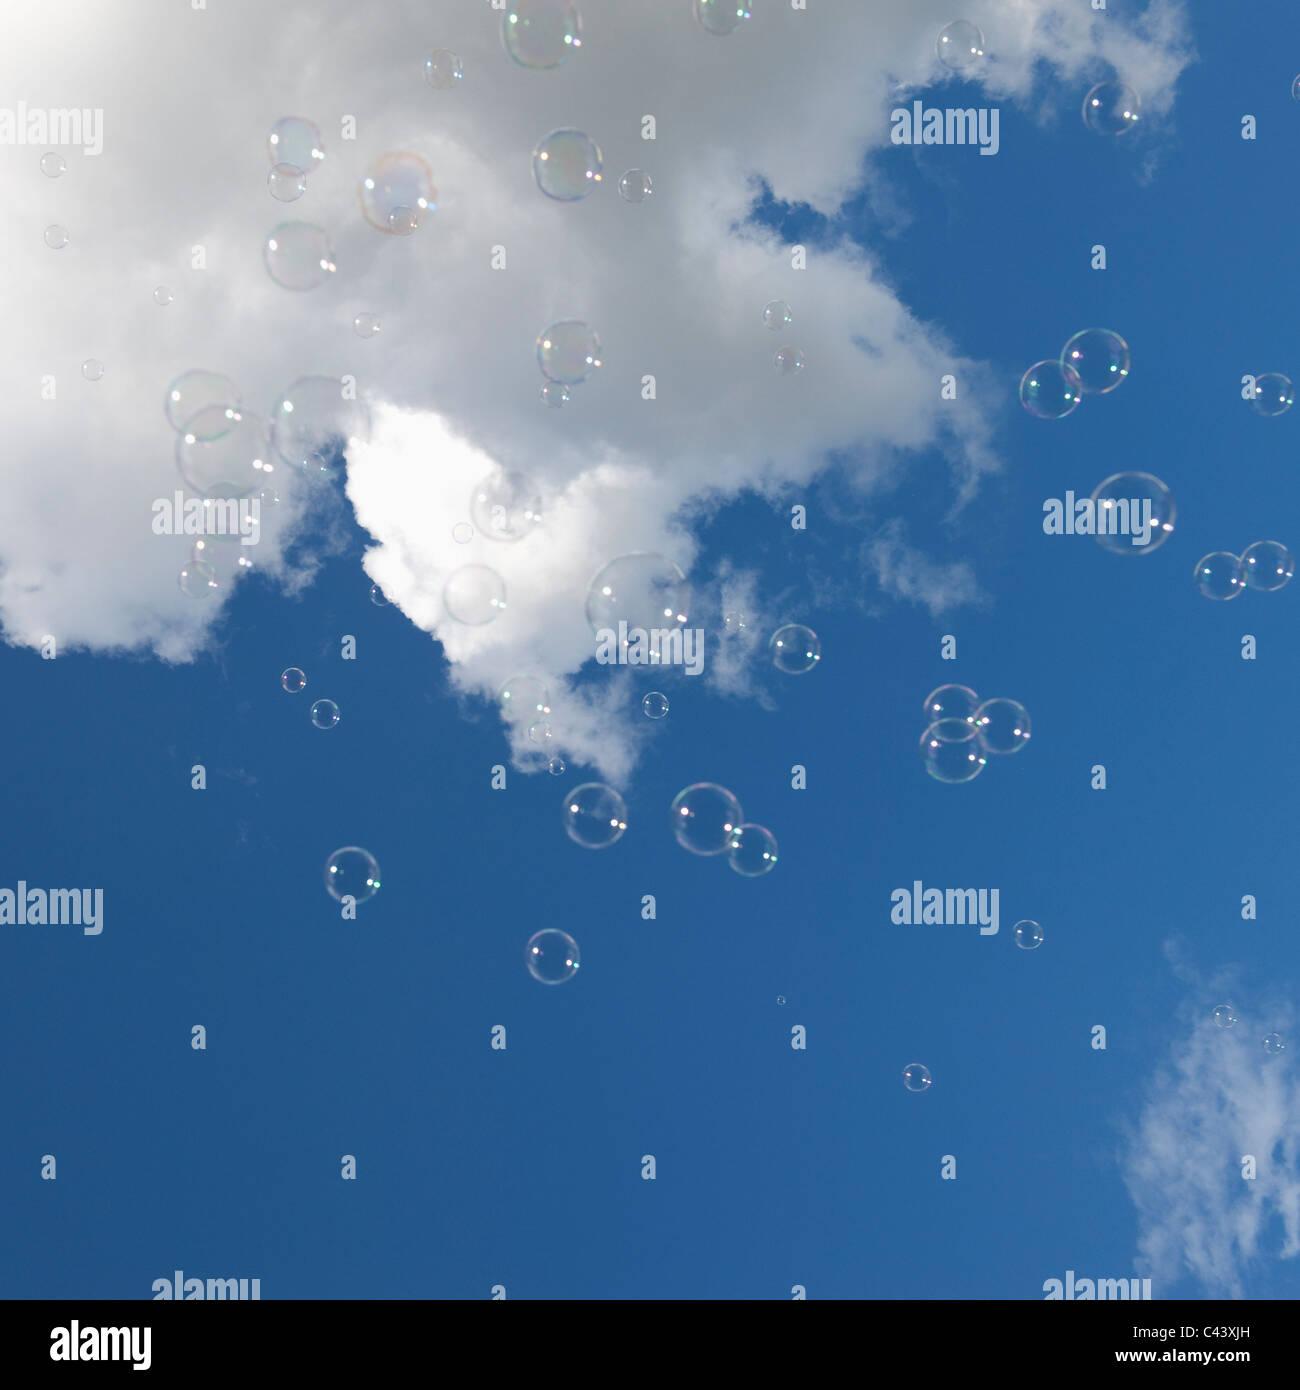 Luftblasen vor blauem Himmel mit weißen Wolken. Stockbild